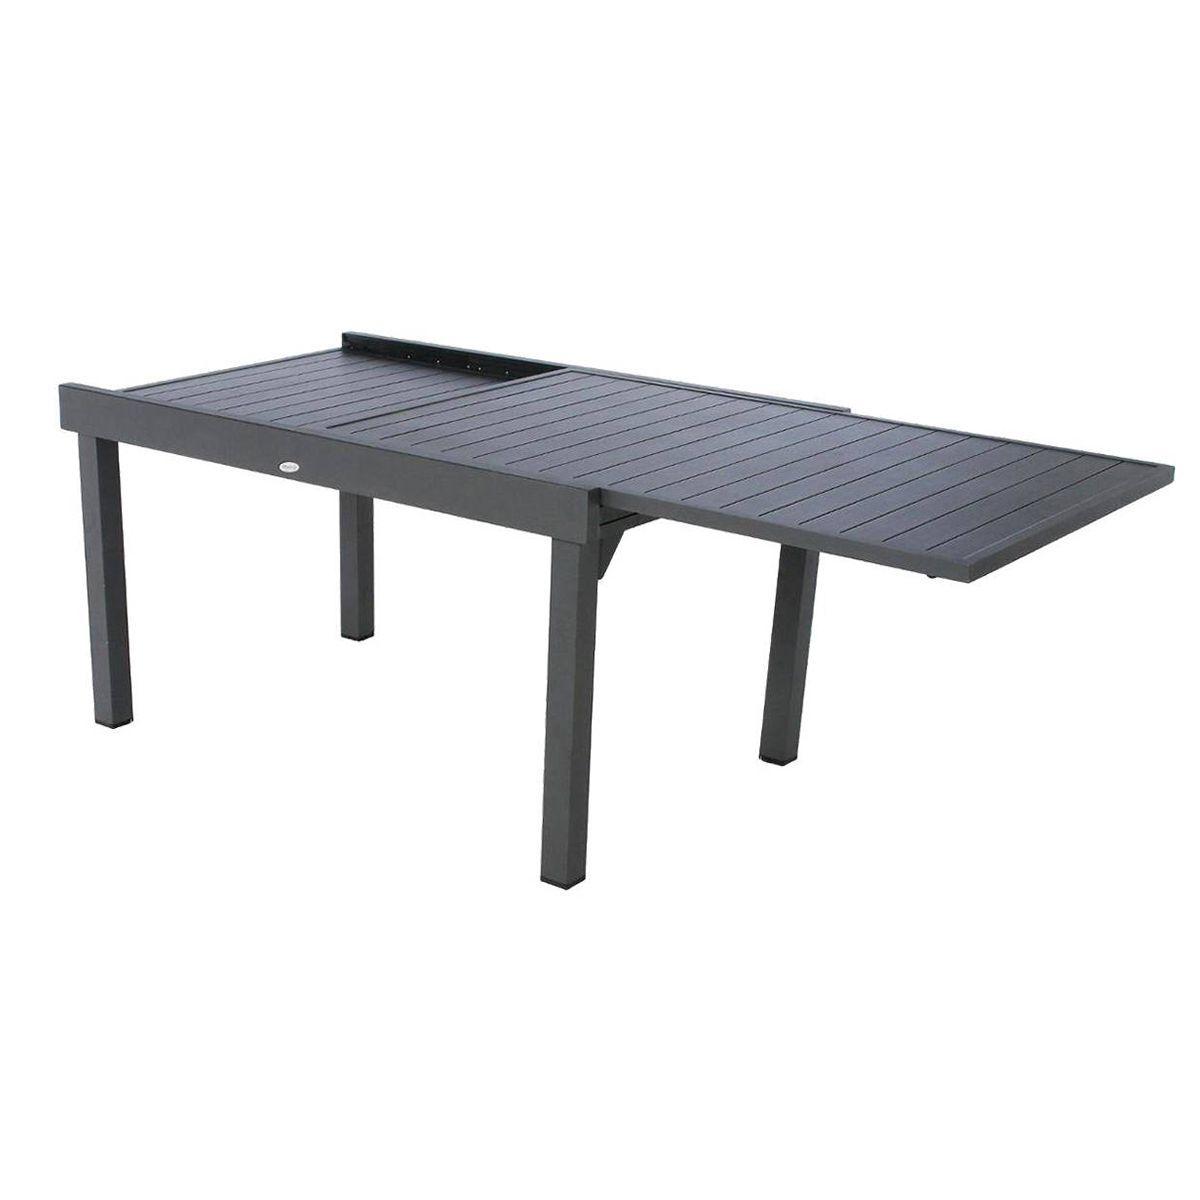 Table Extensible Rectangulaire Alu Piazza 8 10 Places Ardoise Avec Housse De Protection Hesperide Taille Table Extensible Table De Jardin Mobilier Jardin